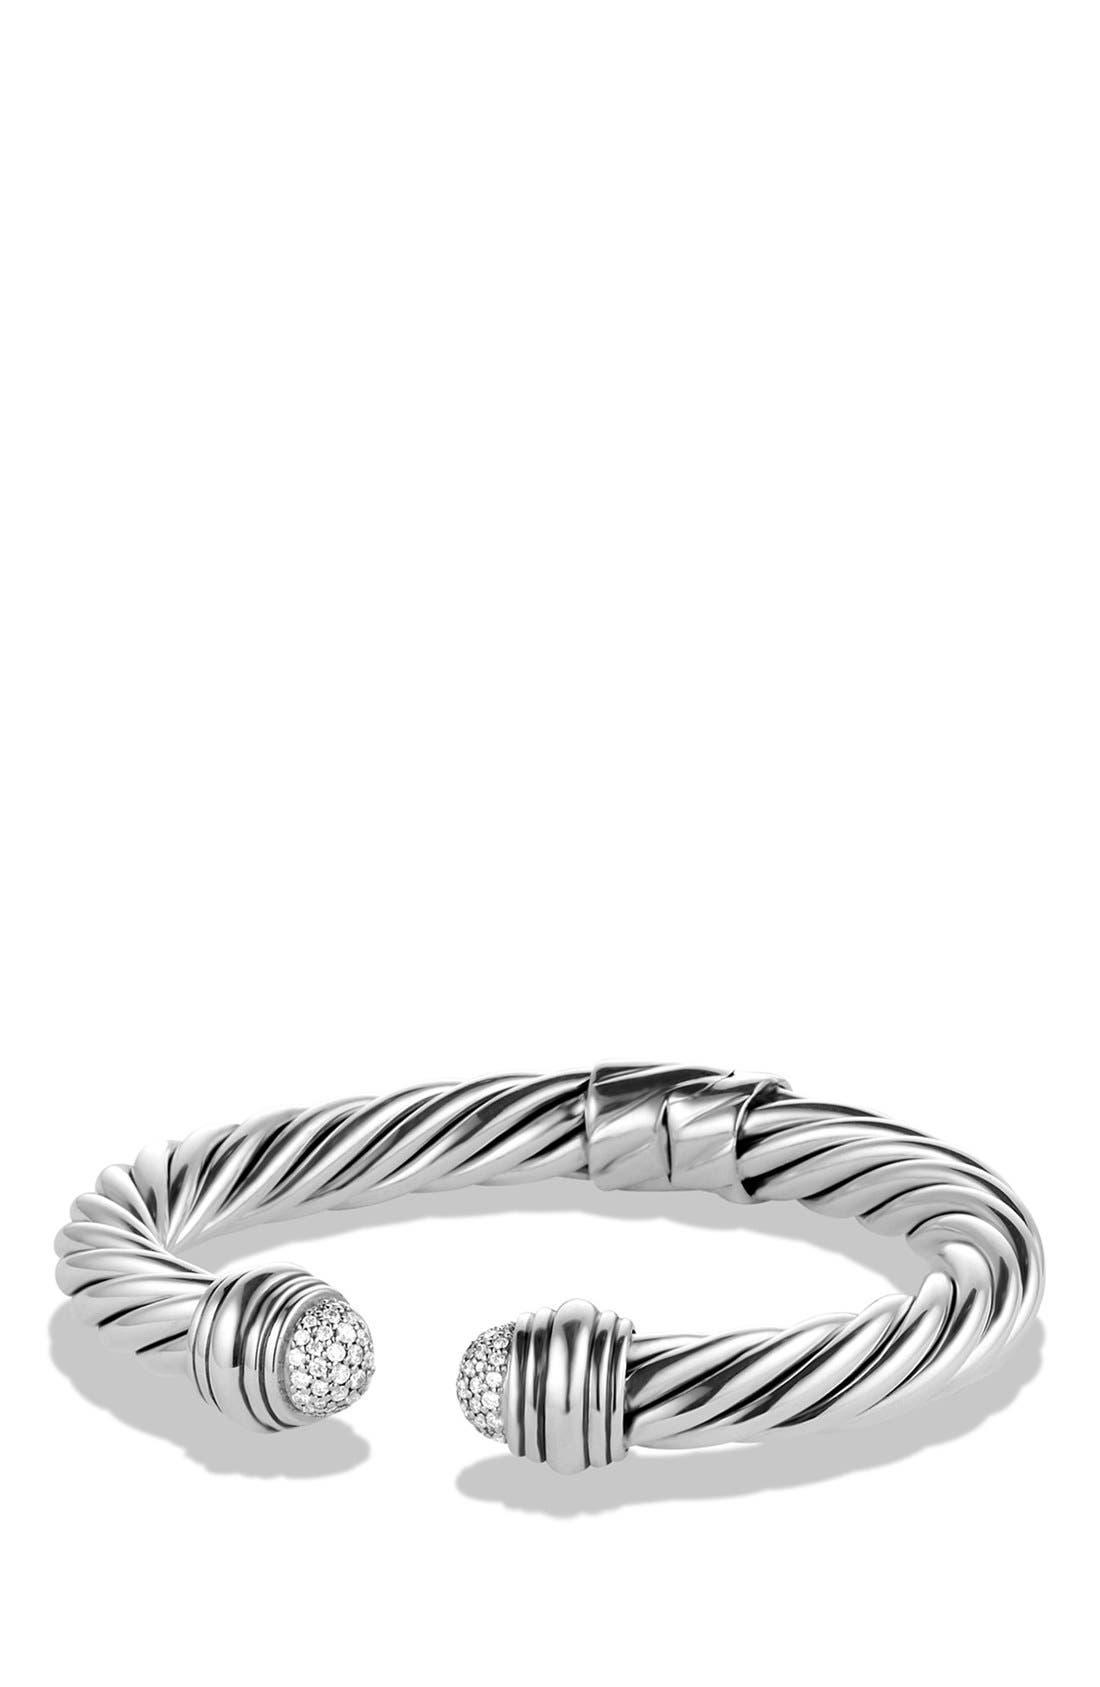 Cable Classics Pavé Tip Bracelet with Diamonds, 8.5mm,                             Main thumbnail 1, color,                             DIAMOND